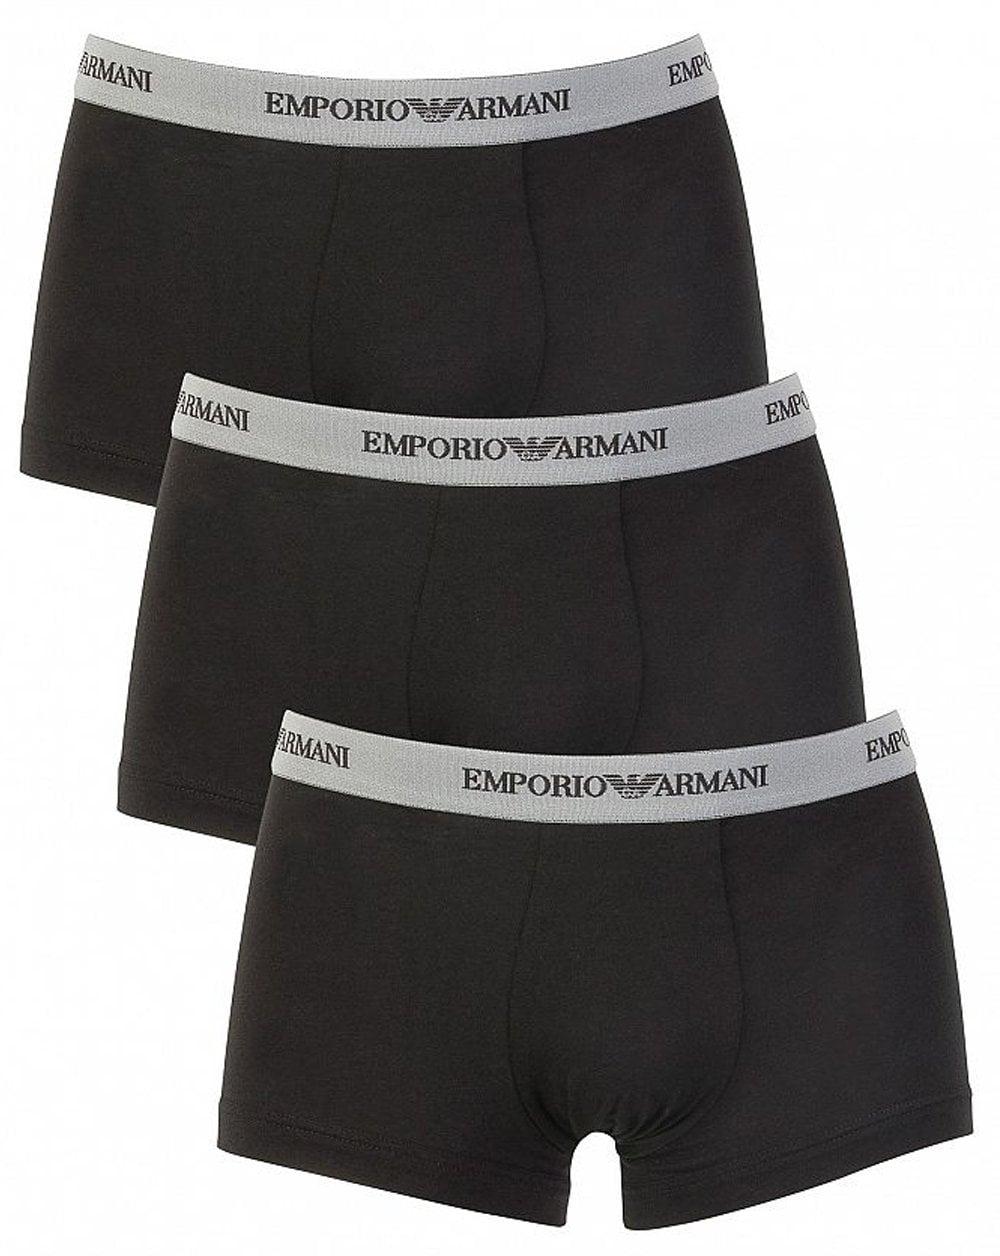 cea7e378dfb4 Emporio Armani Triple Pack Boxer Shorts in Black | 80s Casual Classics